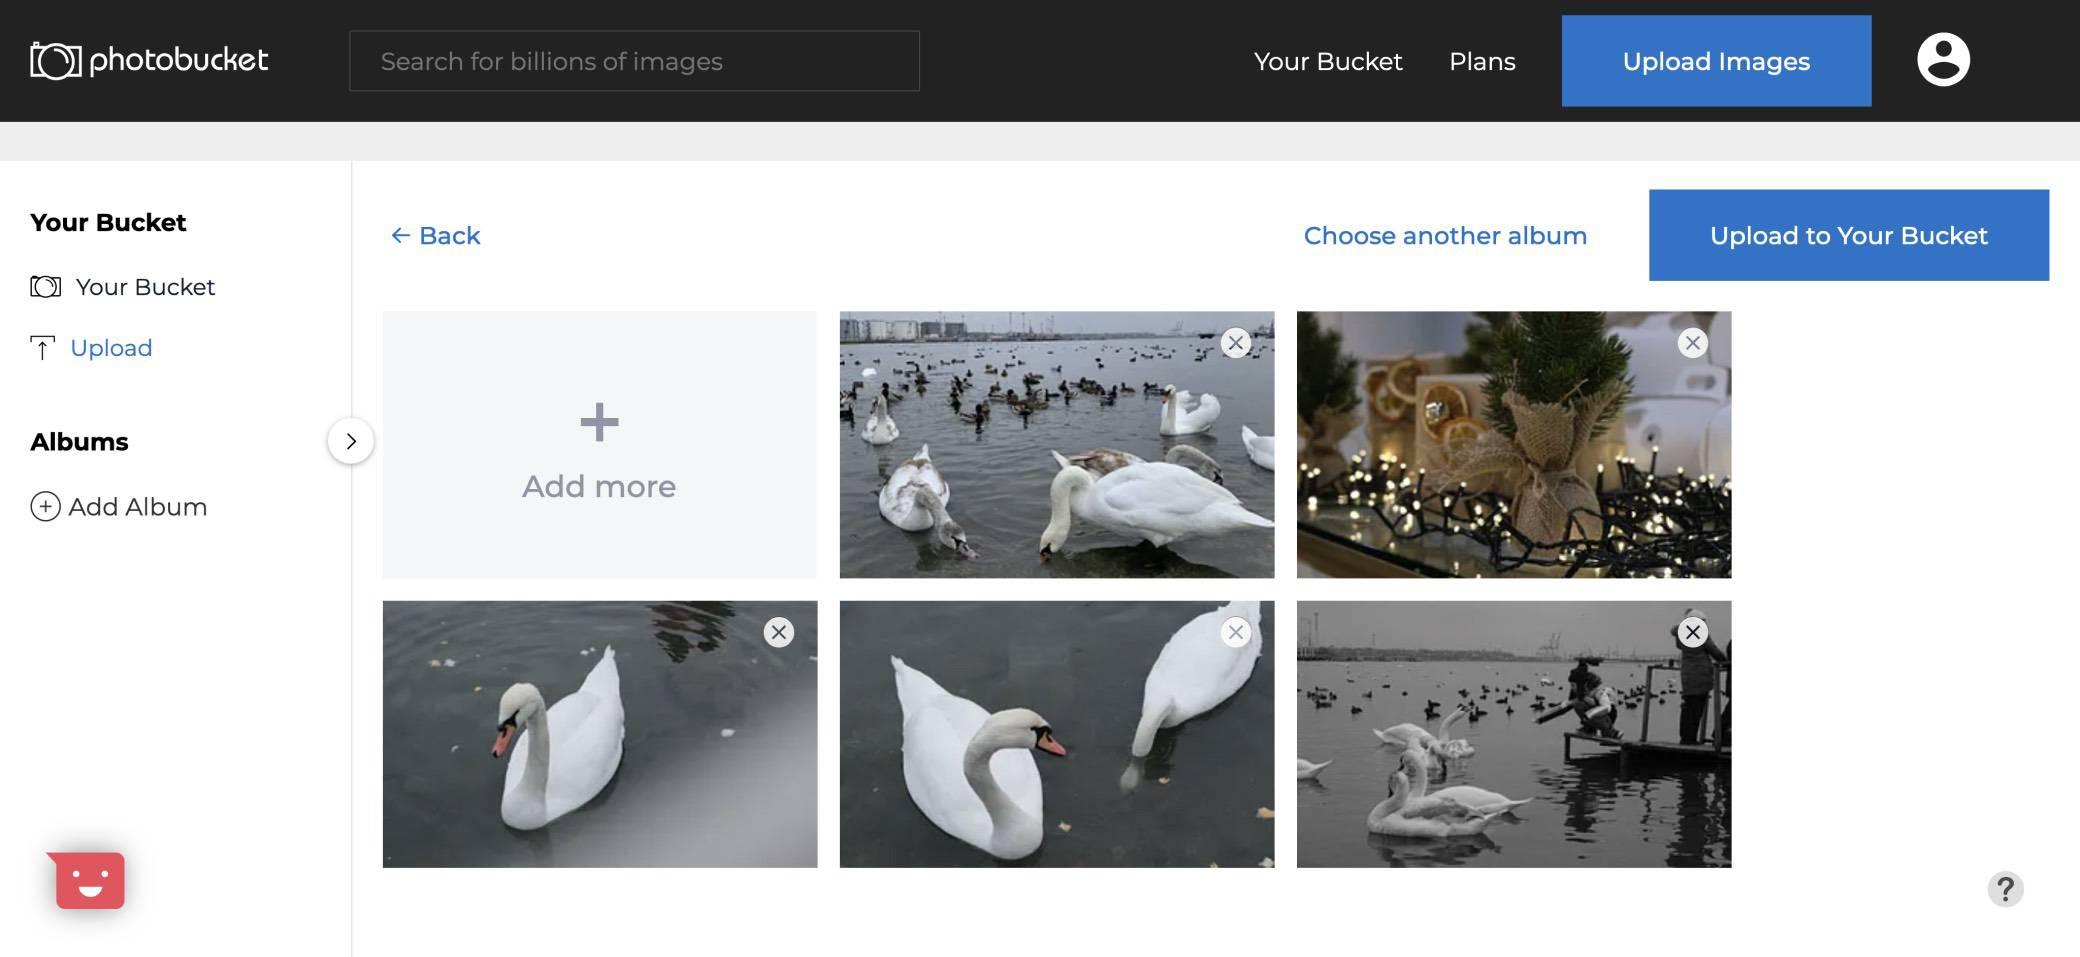 photobucket image